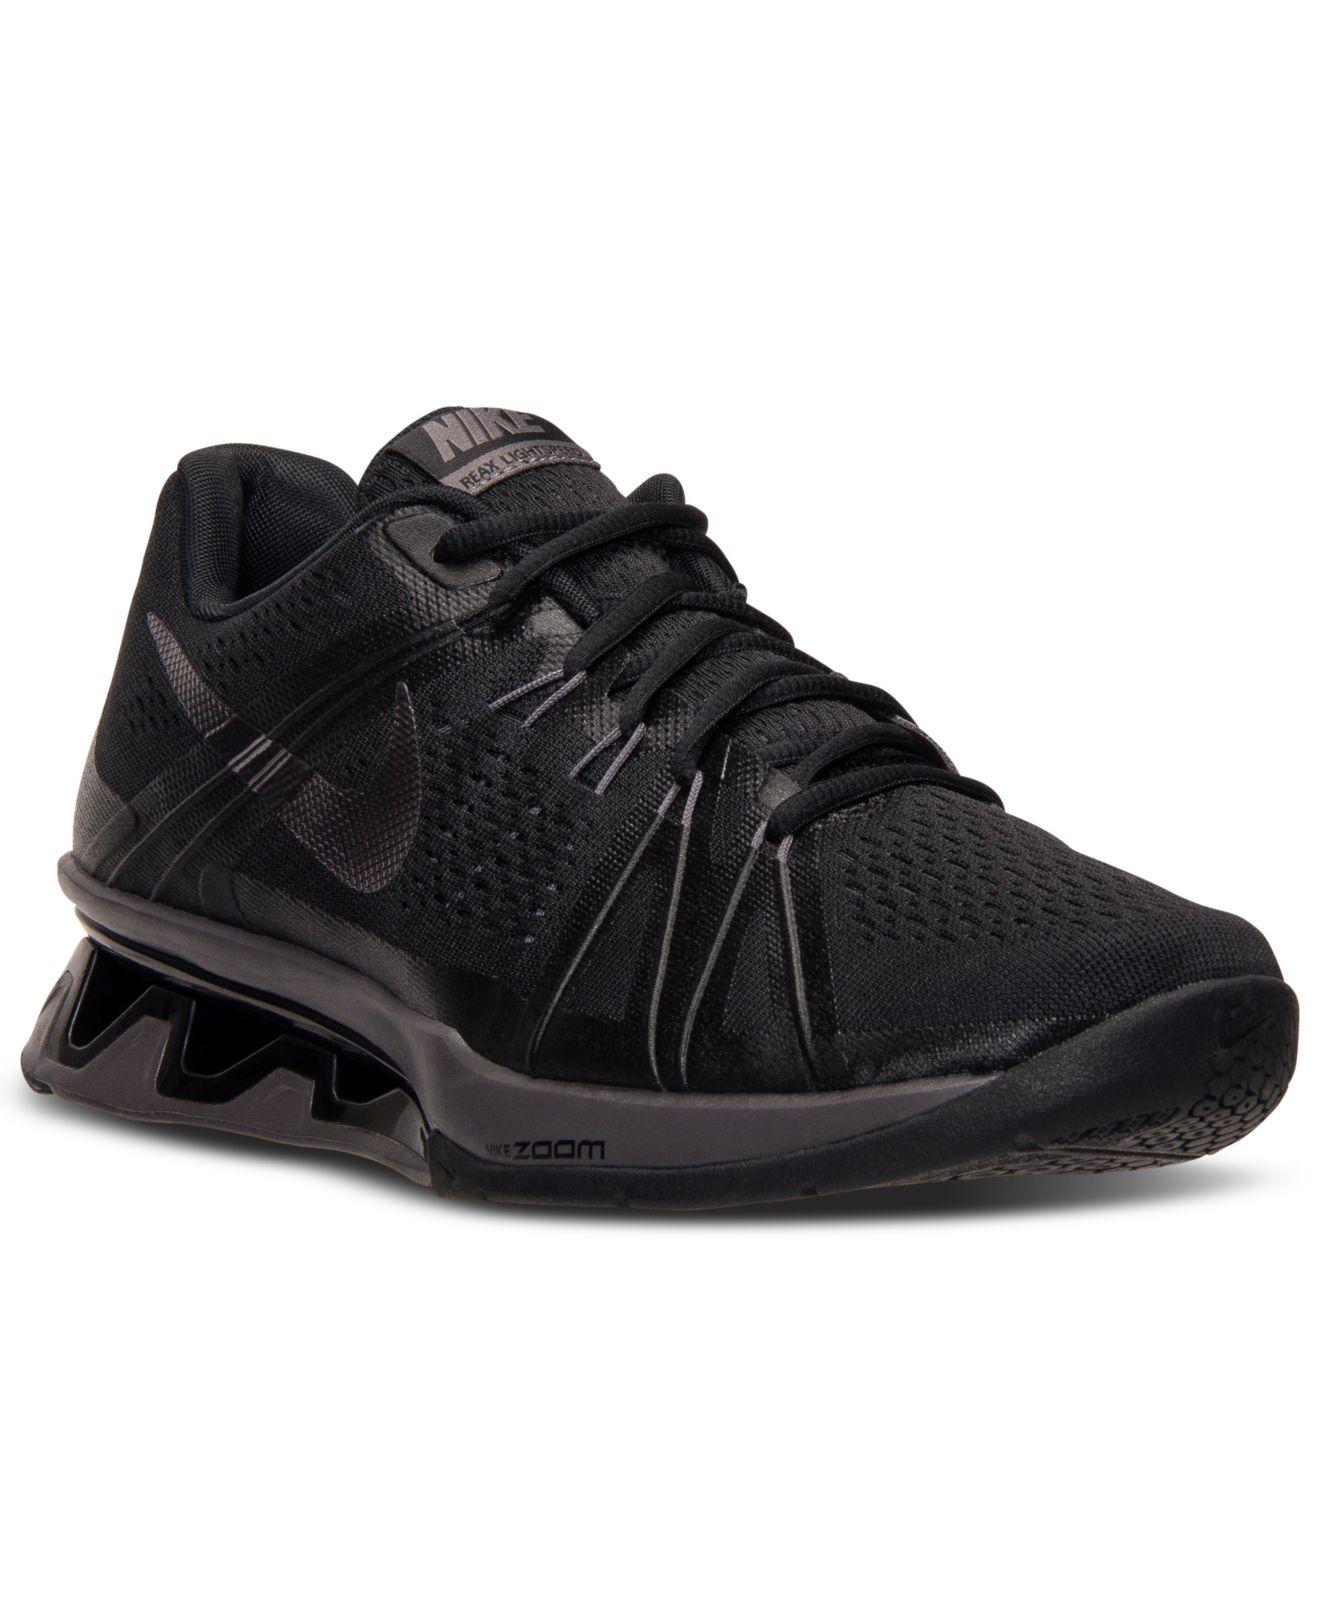 Lightspeed Adidas Shoes